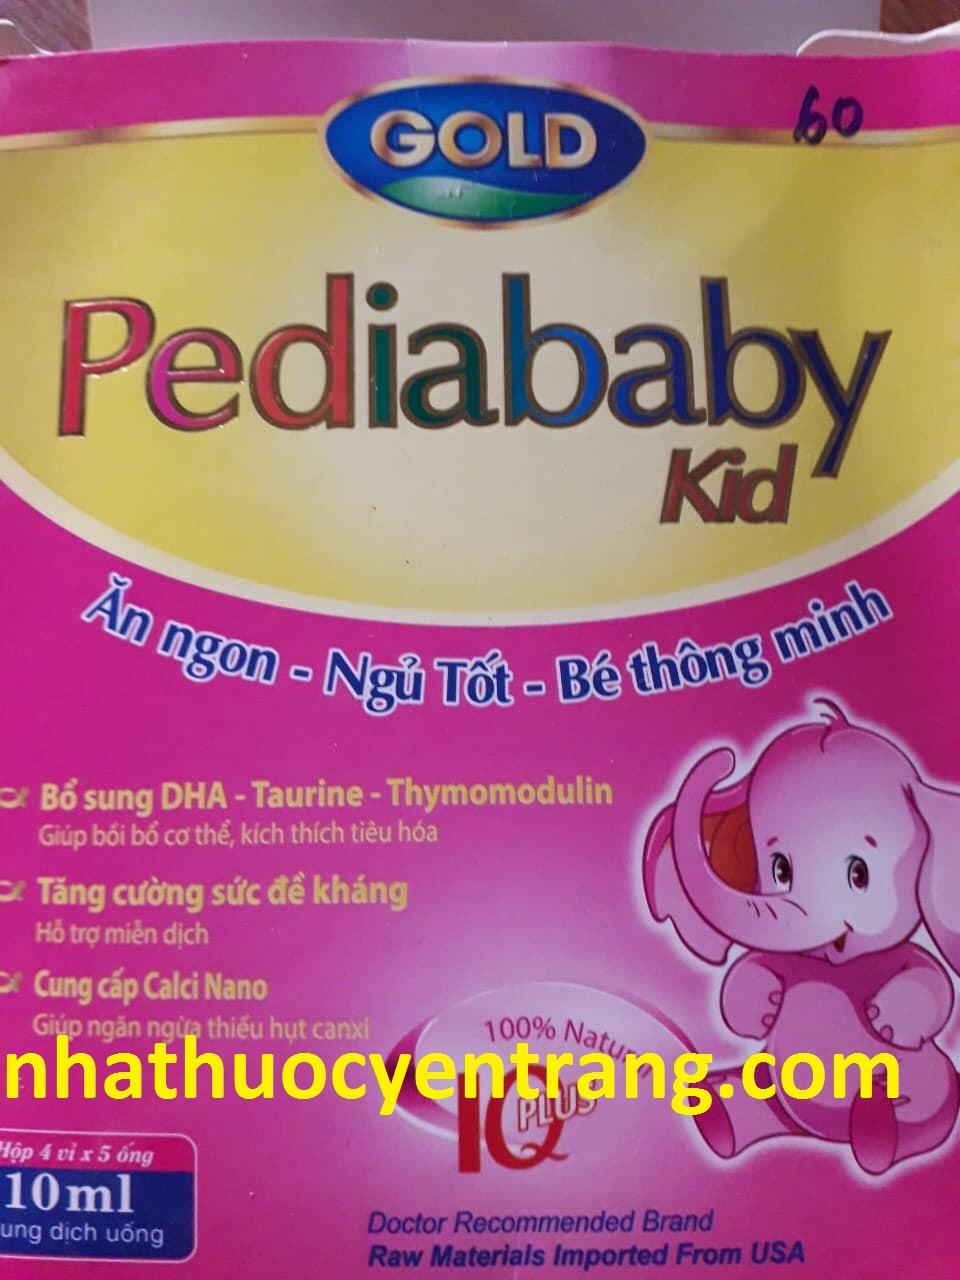 Pediababy kid